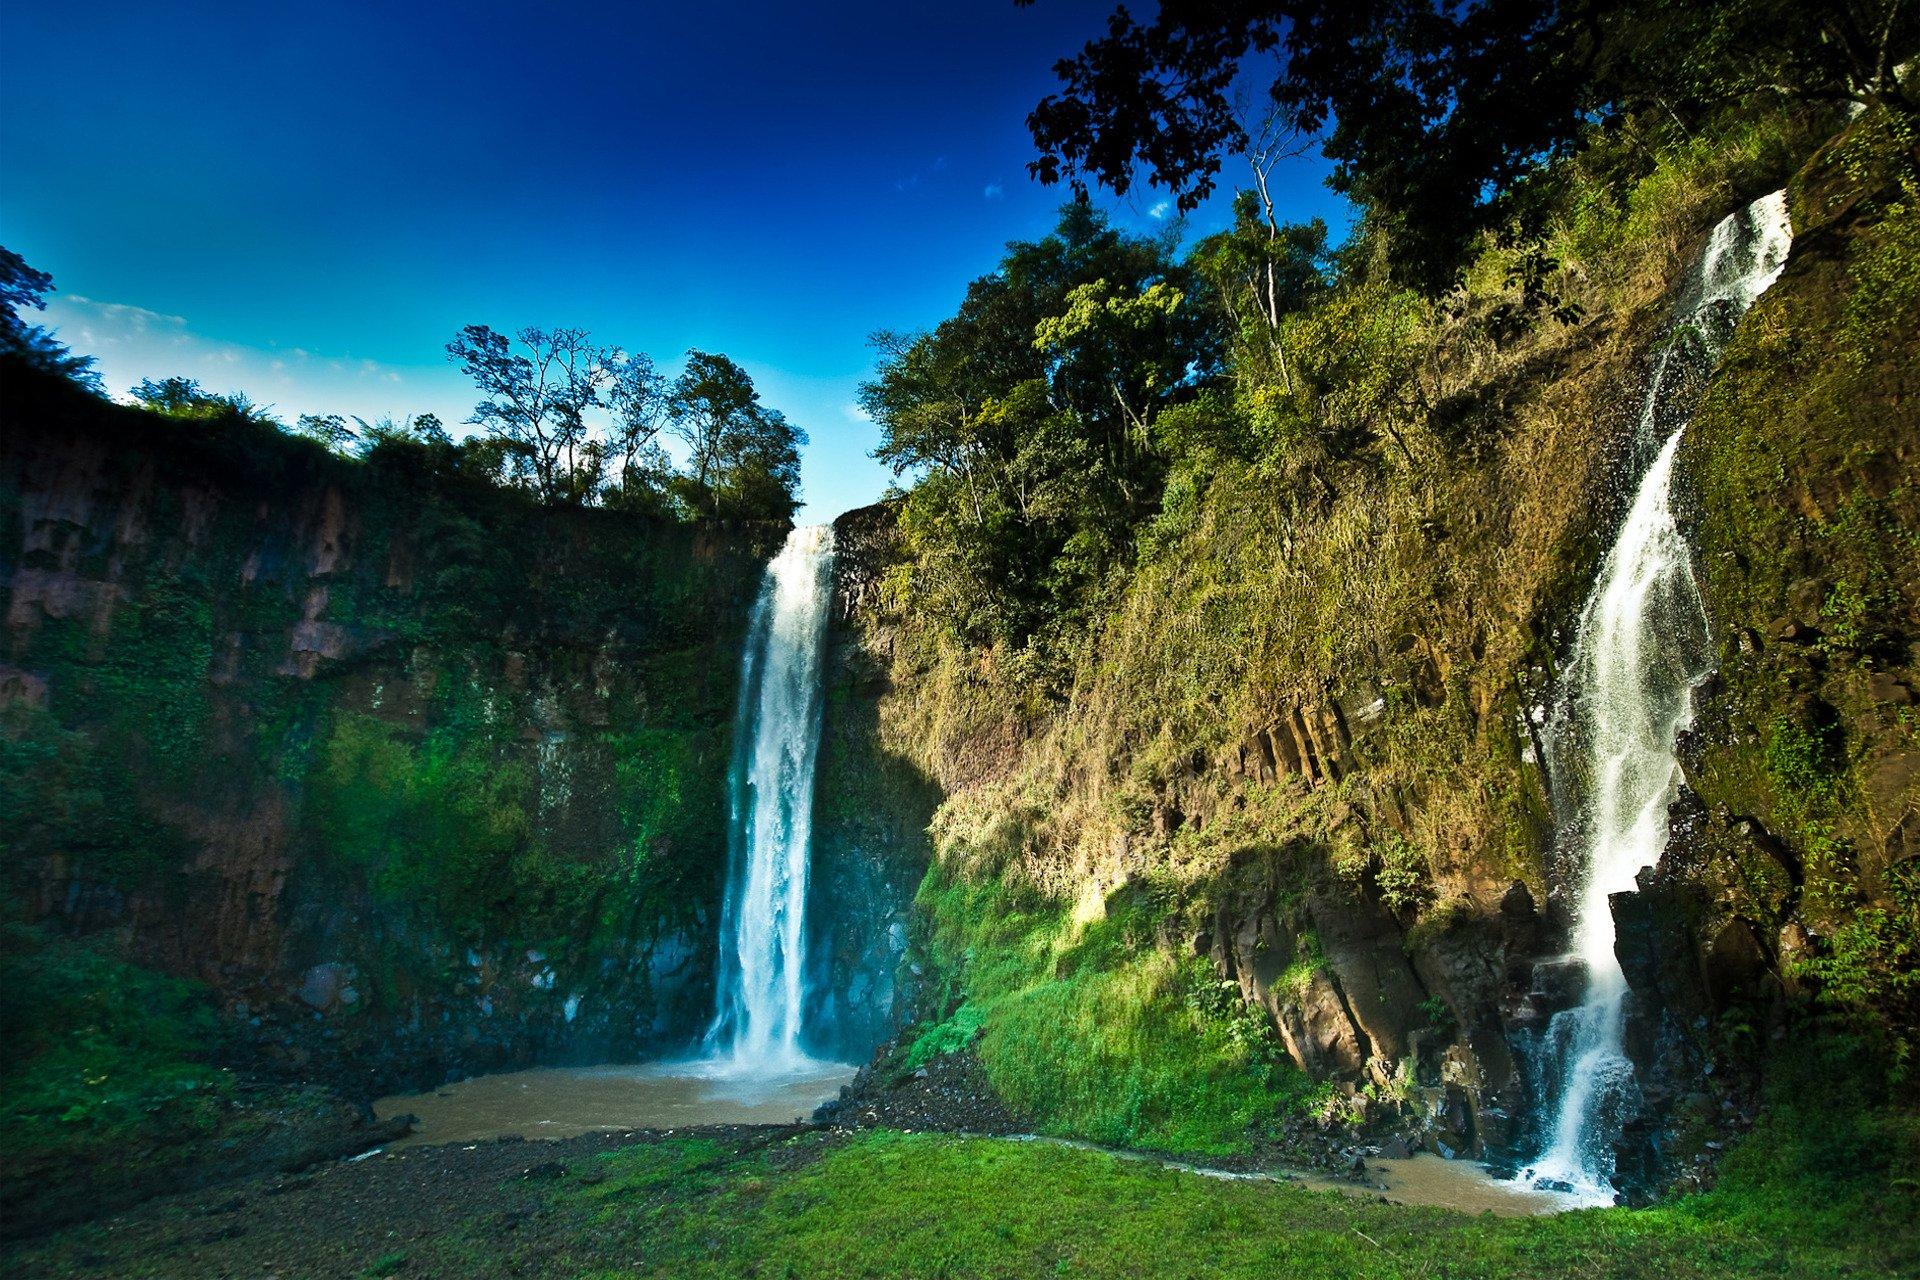 картинки высоких водопадов